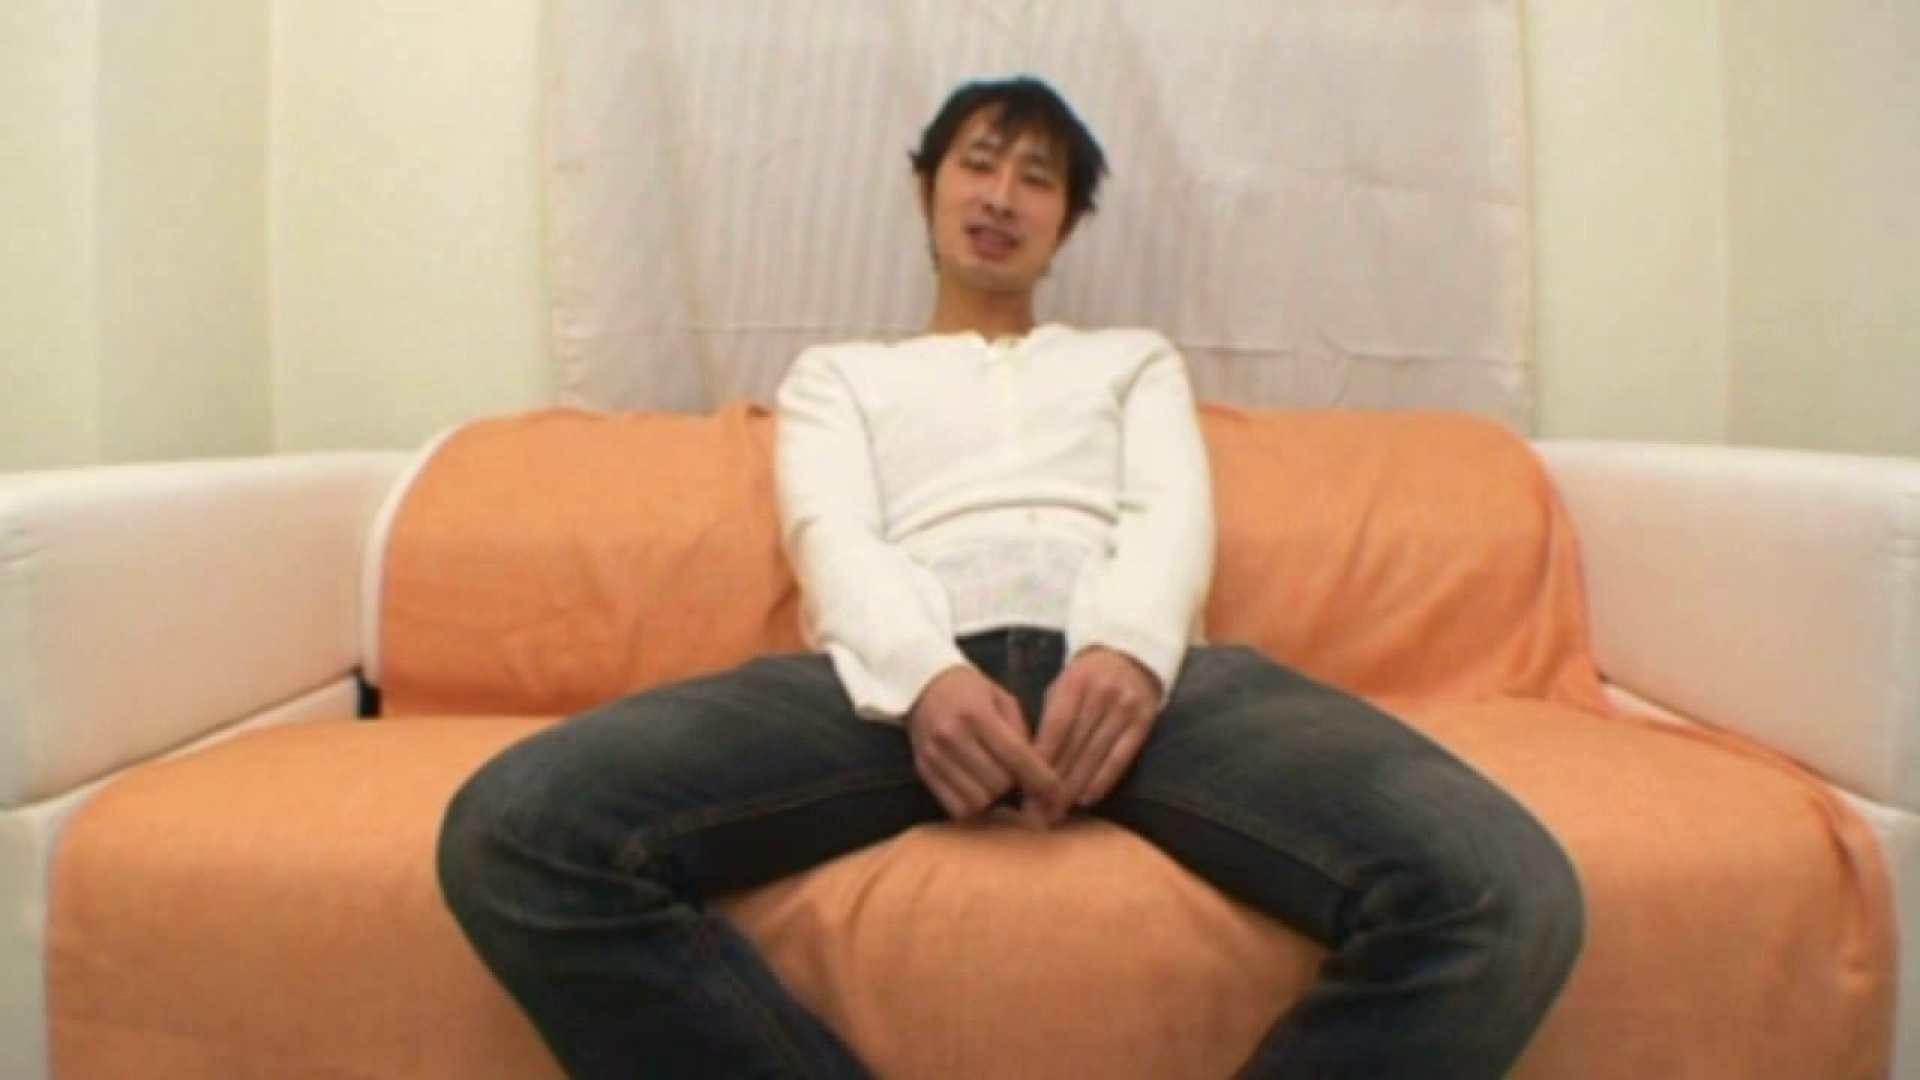 イケメンズエステティック倶楽部Case.02 ローション   イケメン・パラダイス  103画像 61